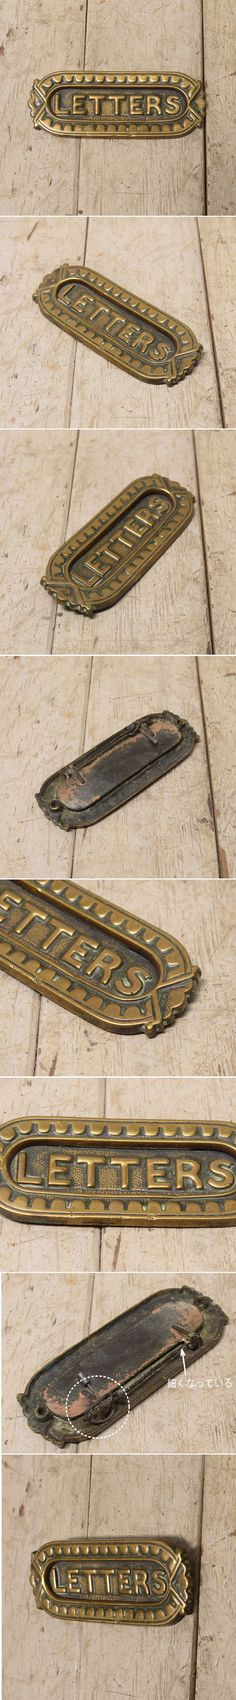 イギリス アンティーク レタースロット 郵便受け 建具金物 4160